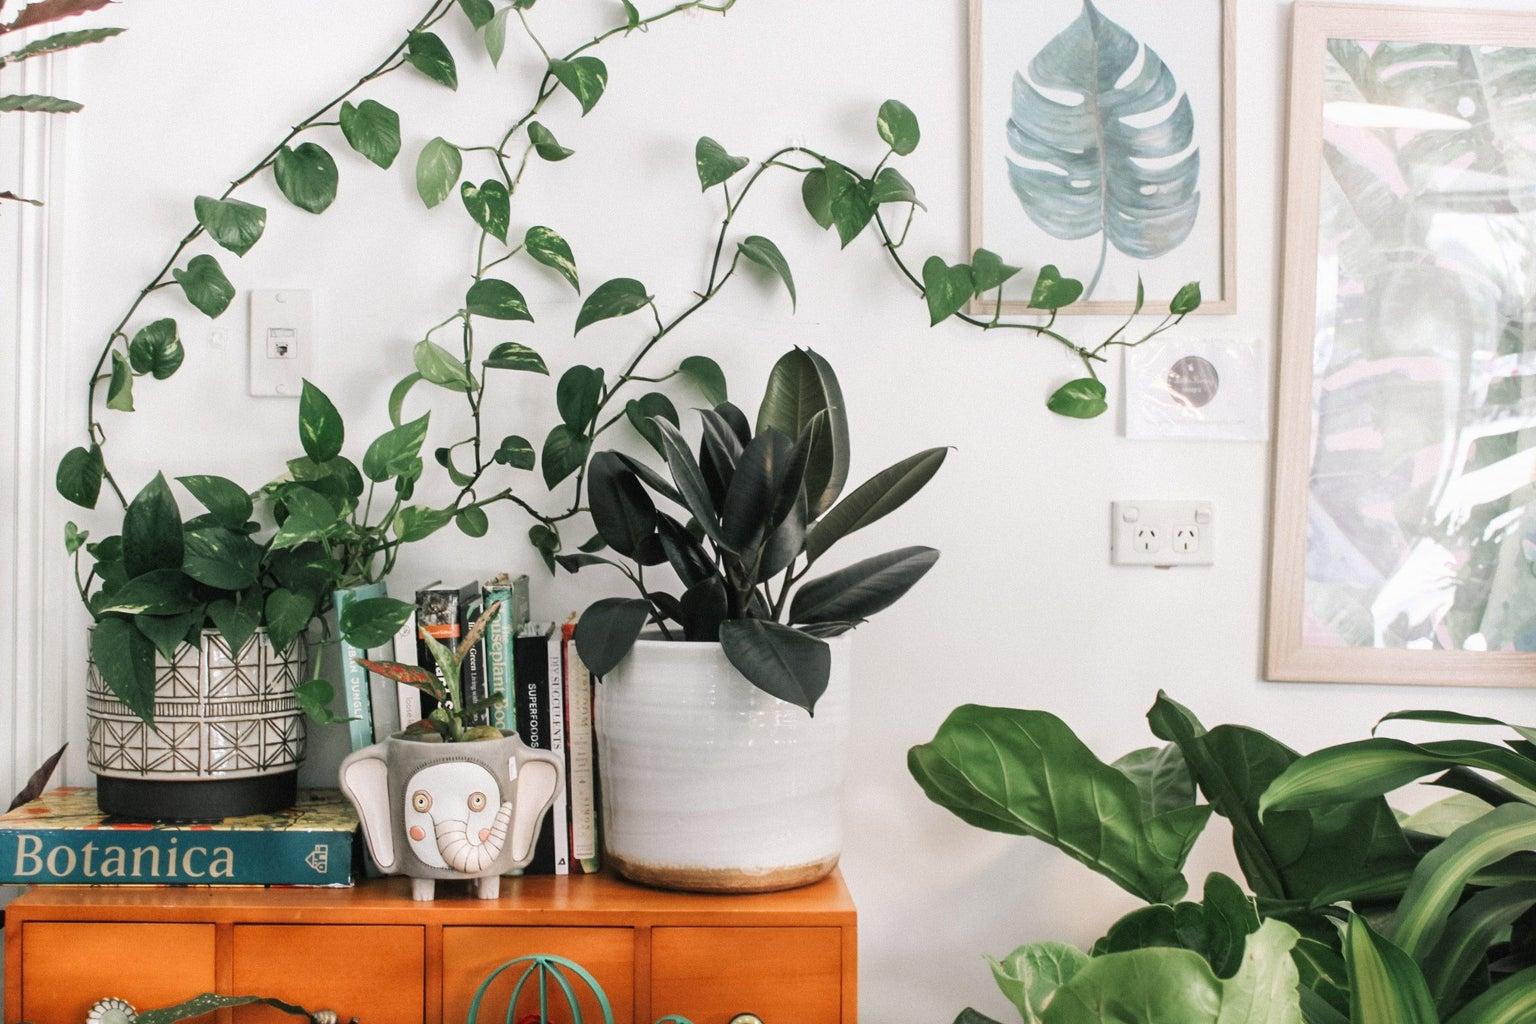 Plants in fun pots on a shelf